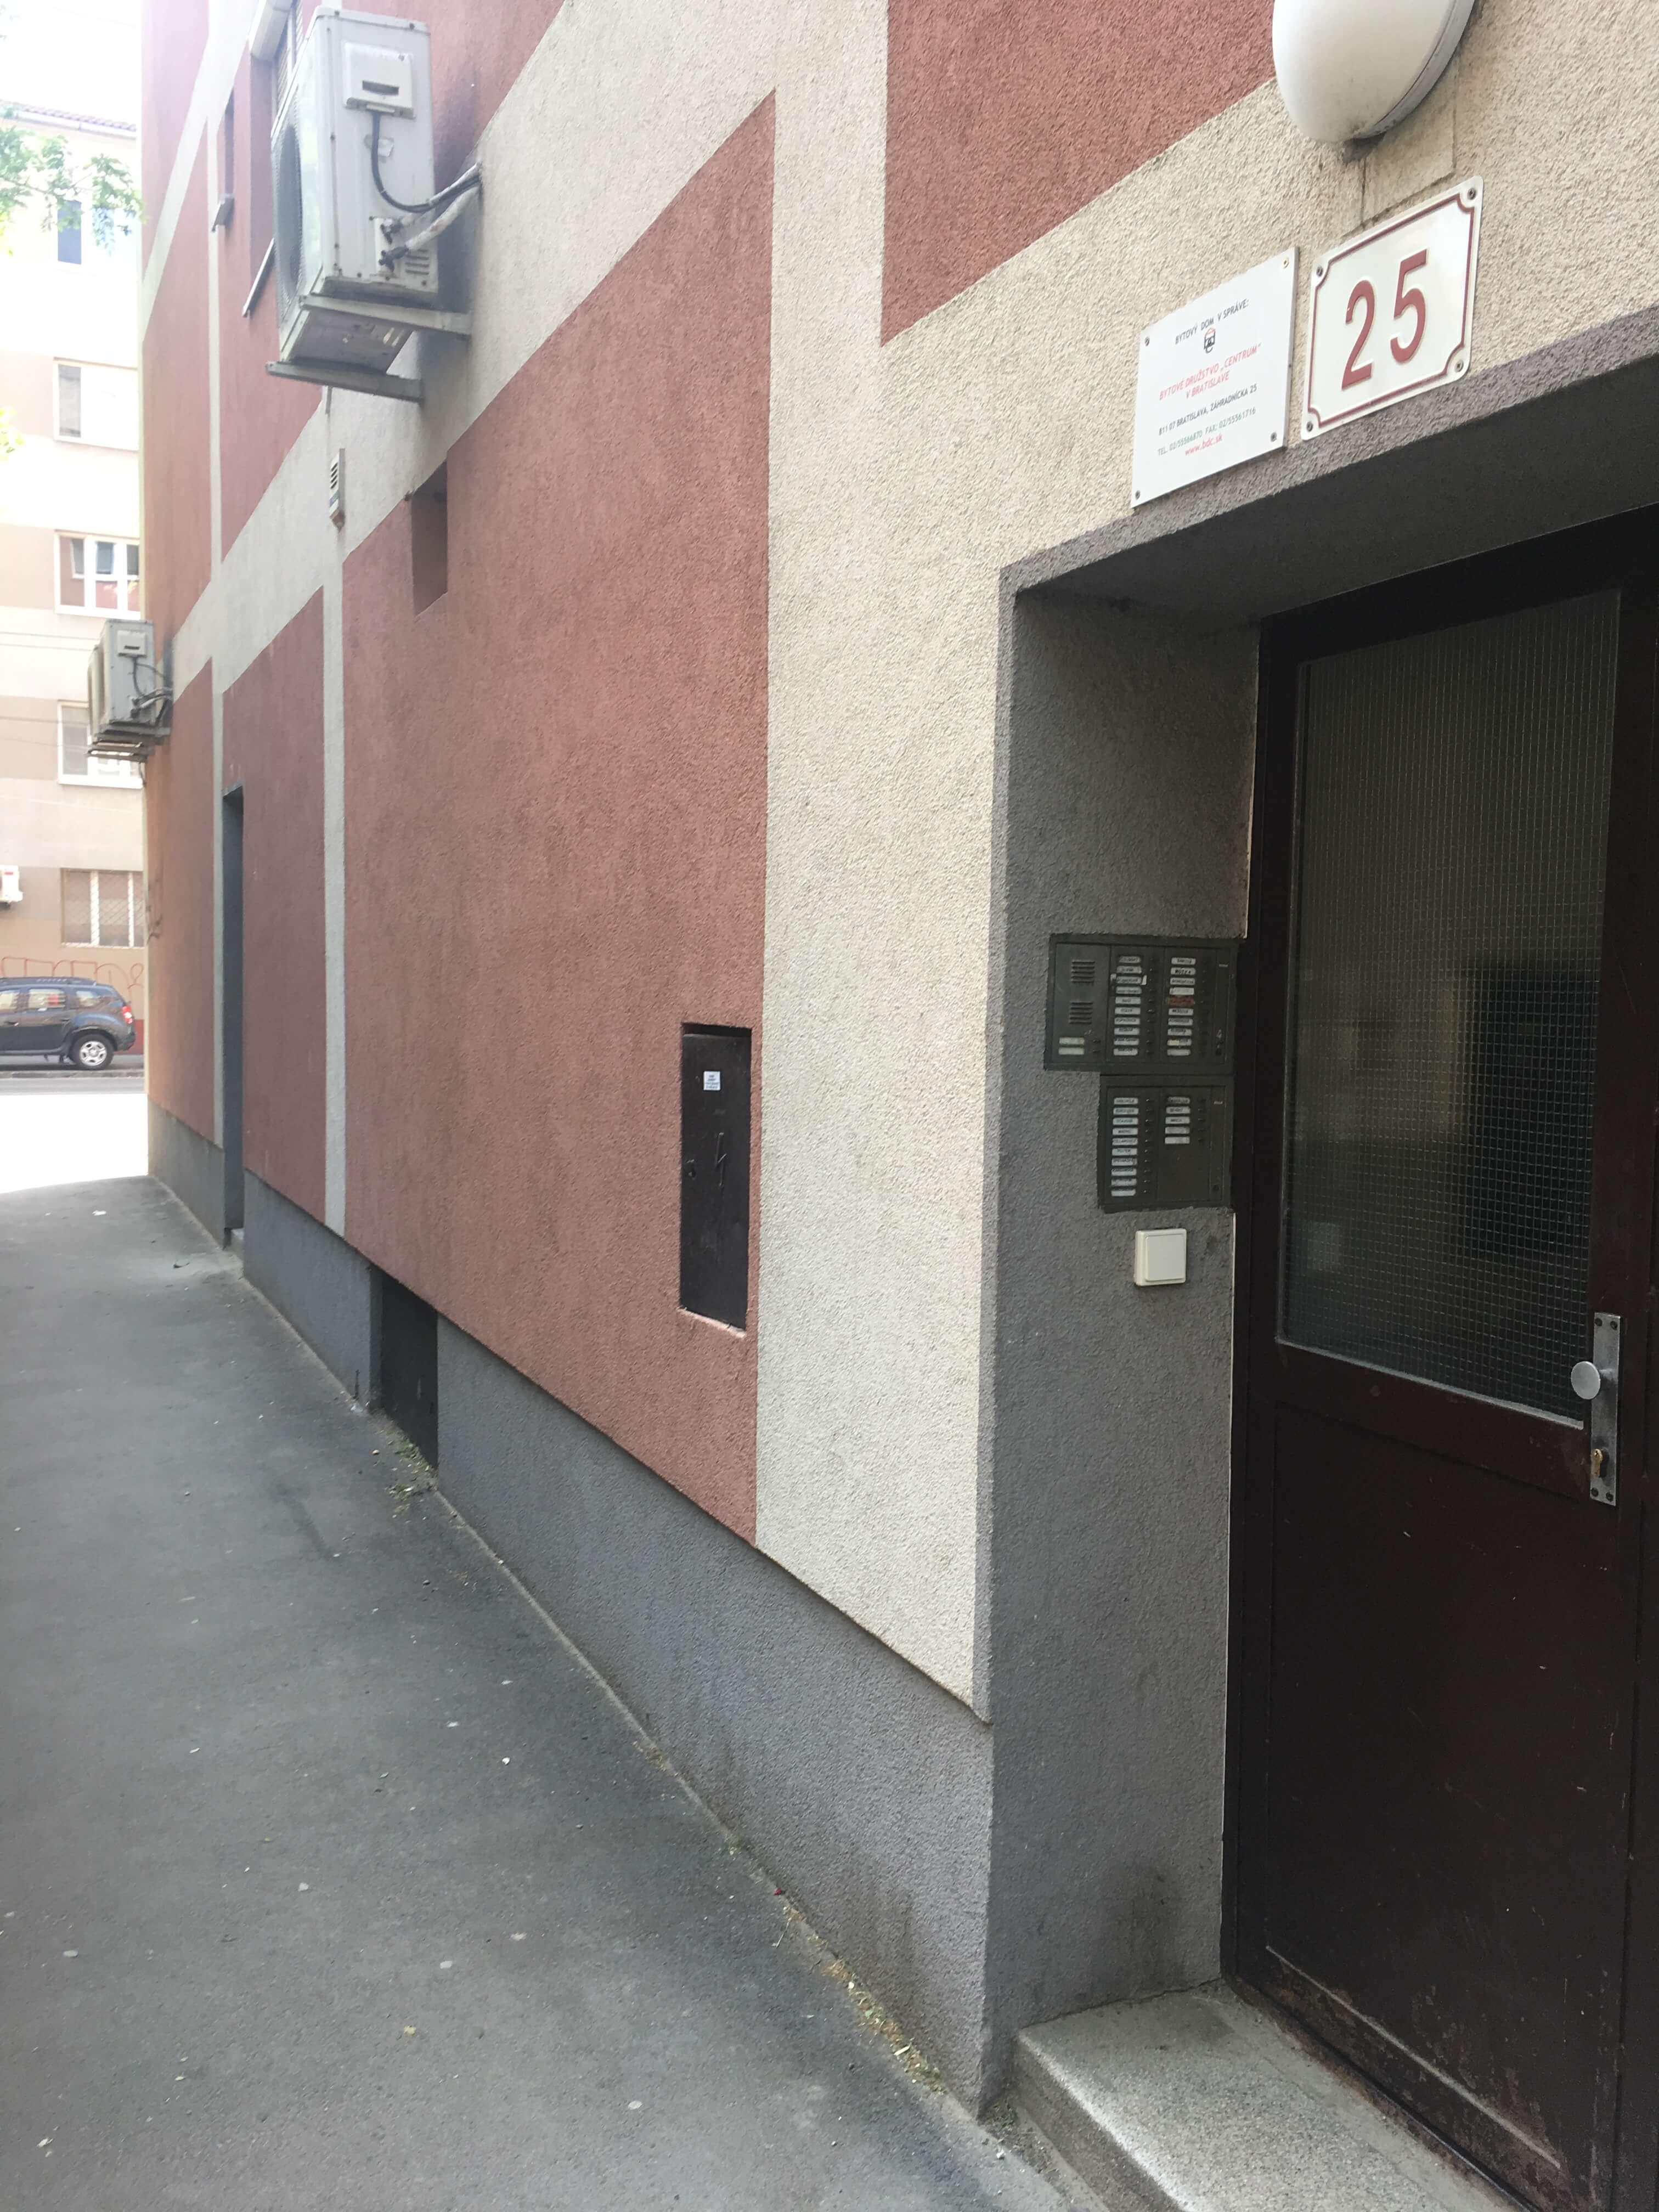 Prenajaté: Exkluzívne na prenájom 1 Izbový byt, 43 m2, pavlač 7 m2, Šancová 25, Staré mesto-9